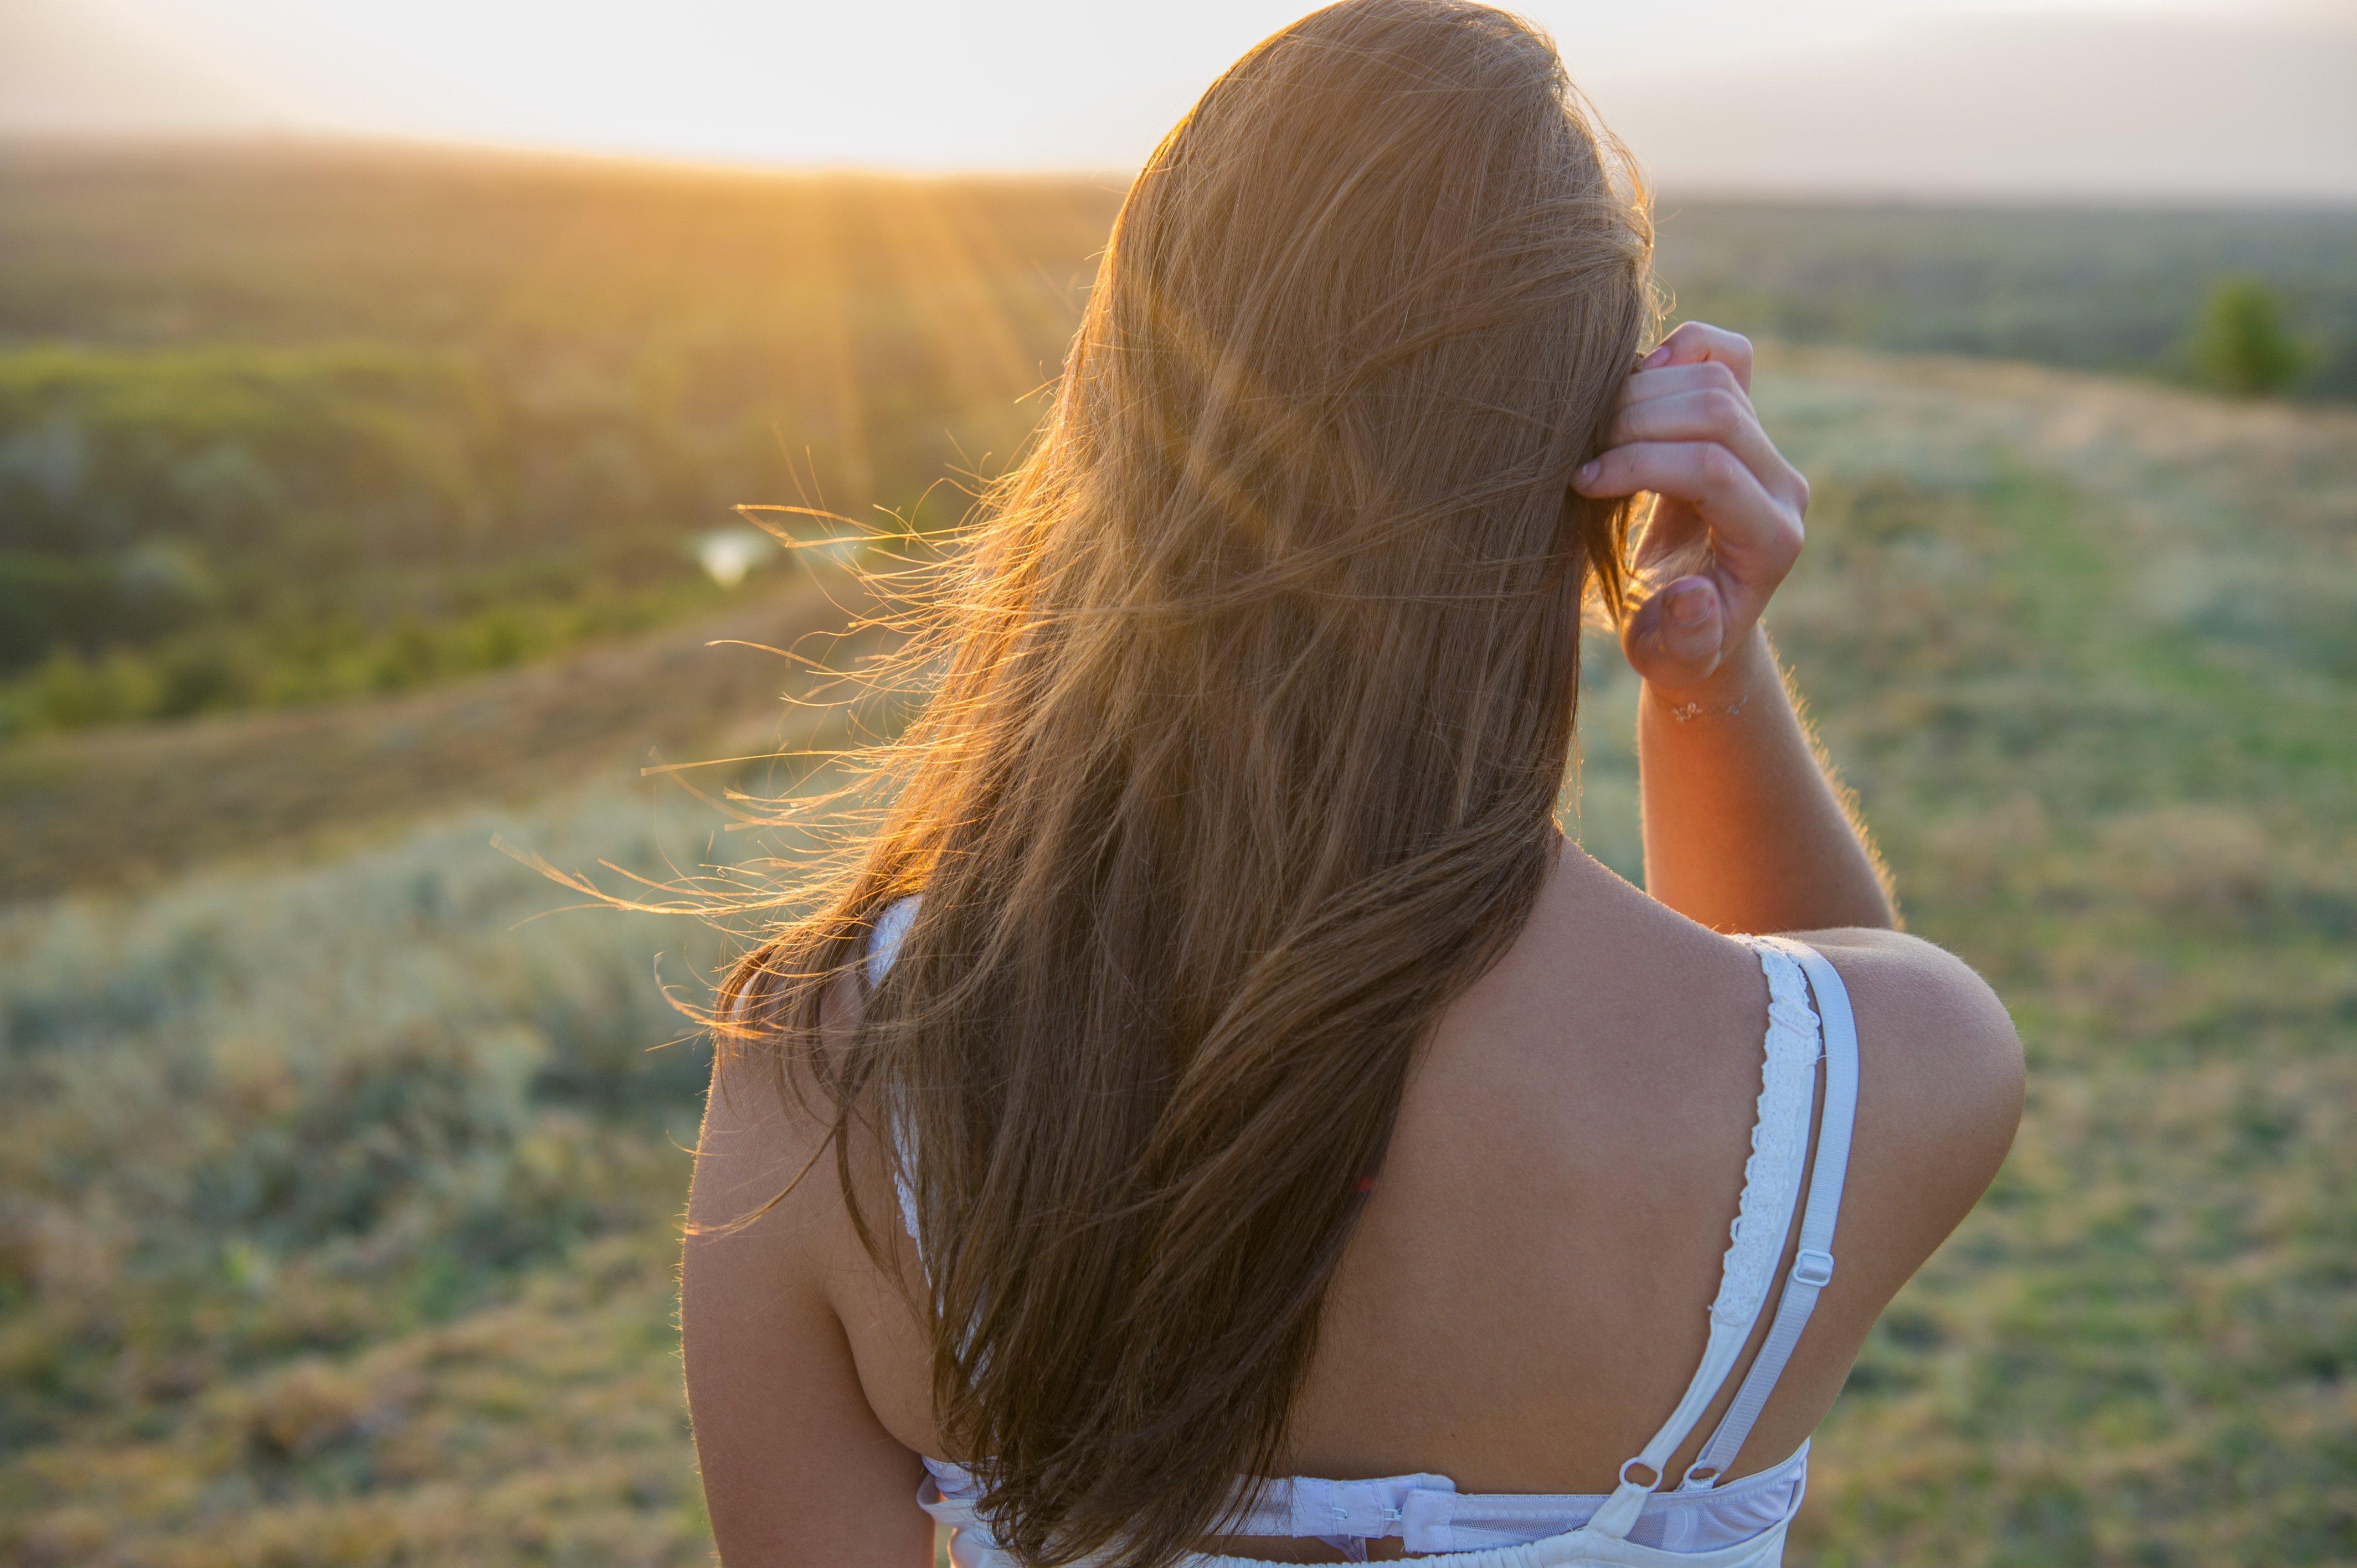 Une fille de dos au coucher du soleil dans la prairie. | Photo : shutterstock